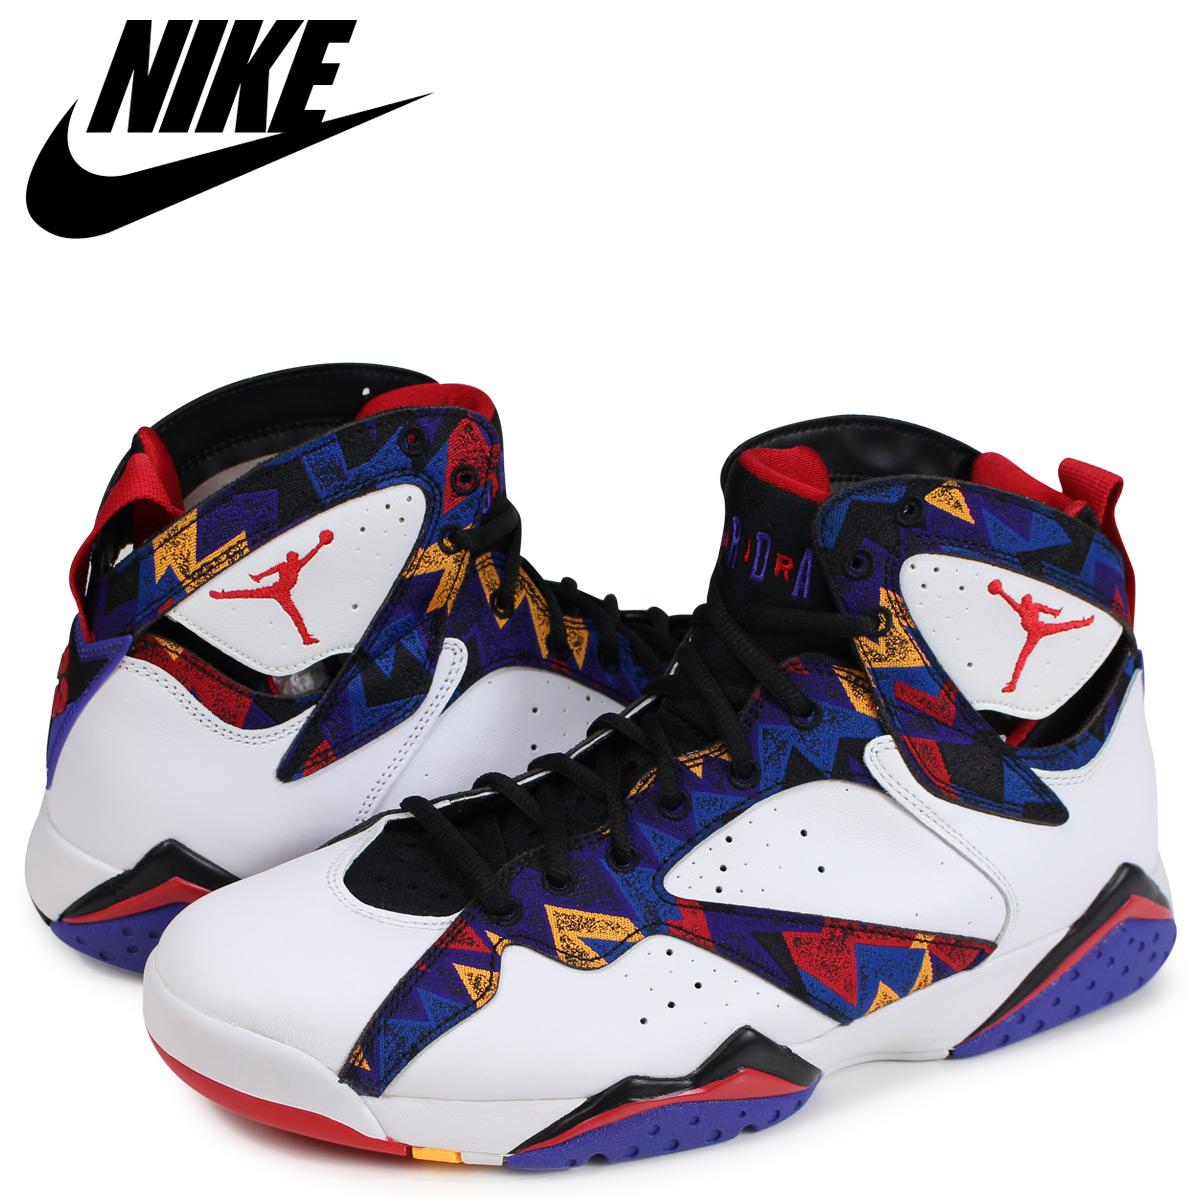 413f5567832504 NIKE AIR JORDAN 7 RETRO SWEATER Nike Air Jordan 7 nostalgic sneakers men  white 304